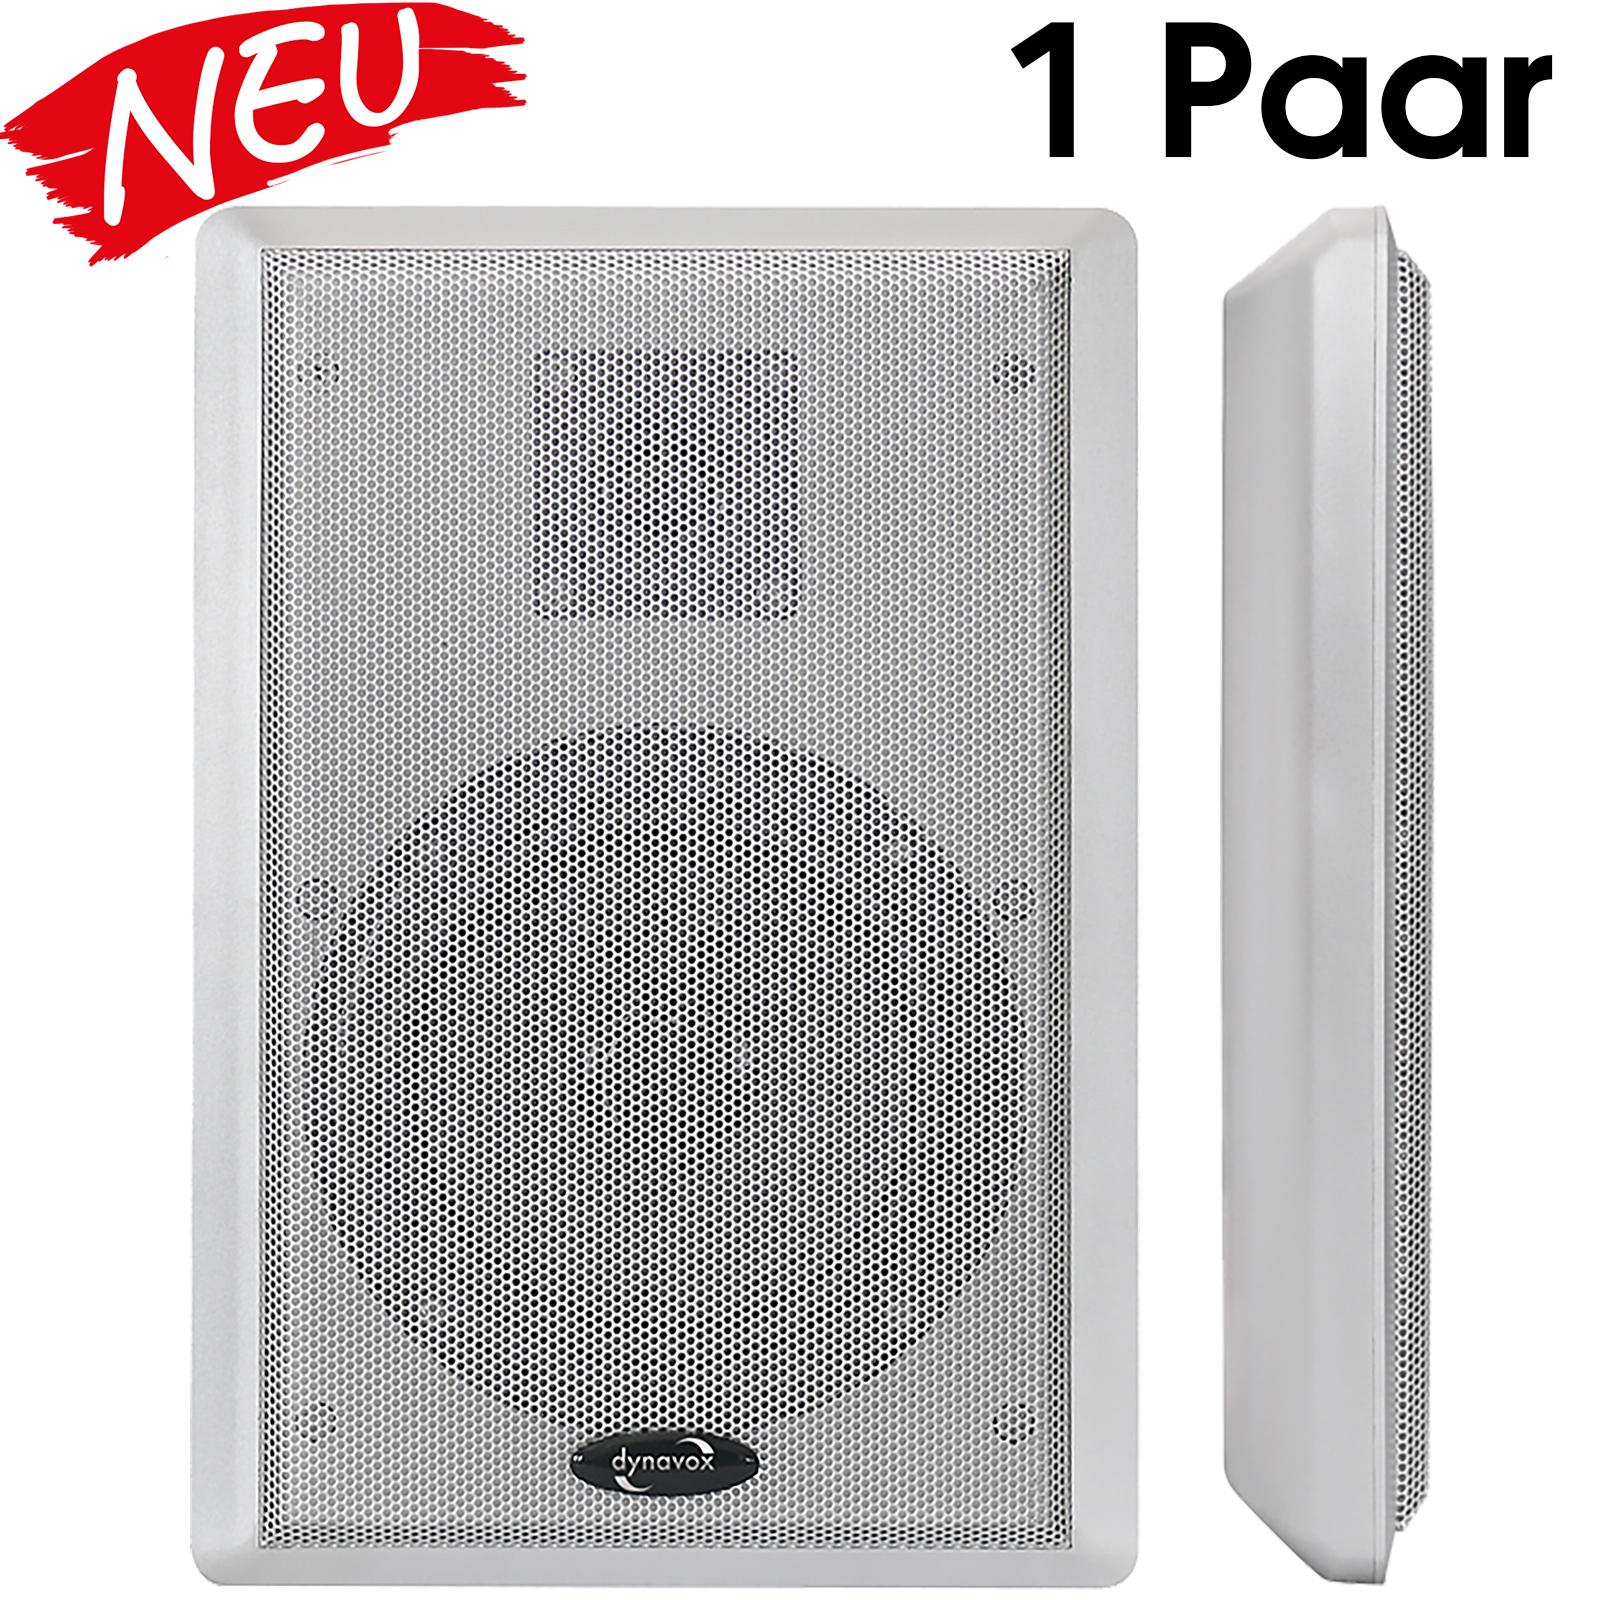 Dynavox WS-502 Flatpanelspeaker Lautsprecher SILBER